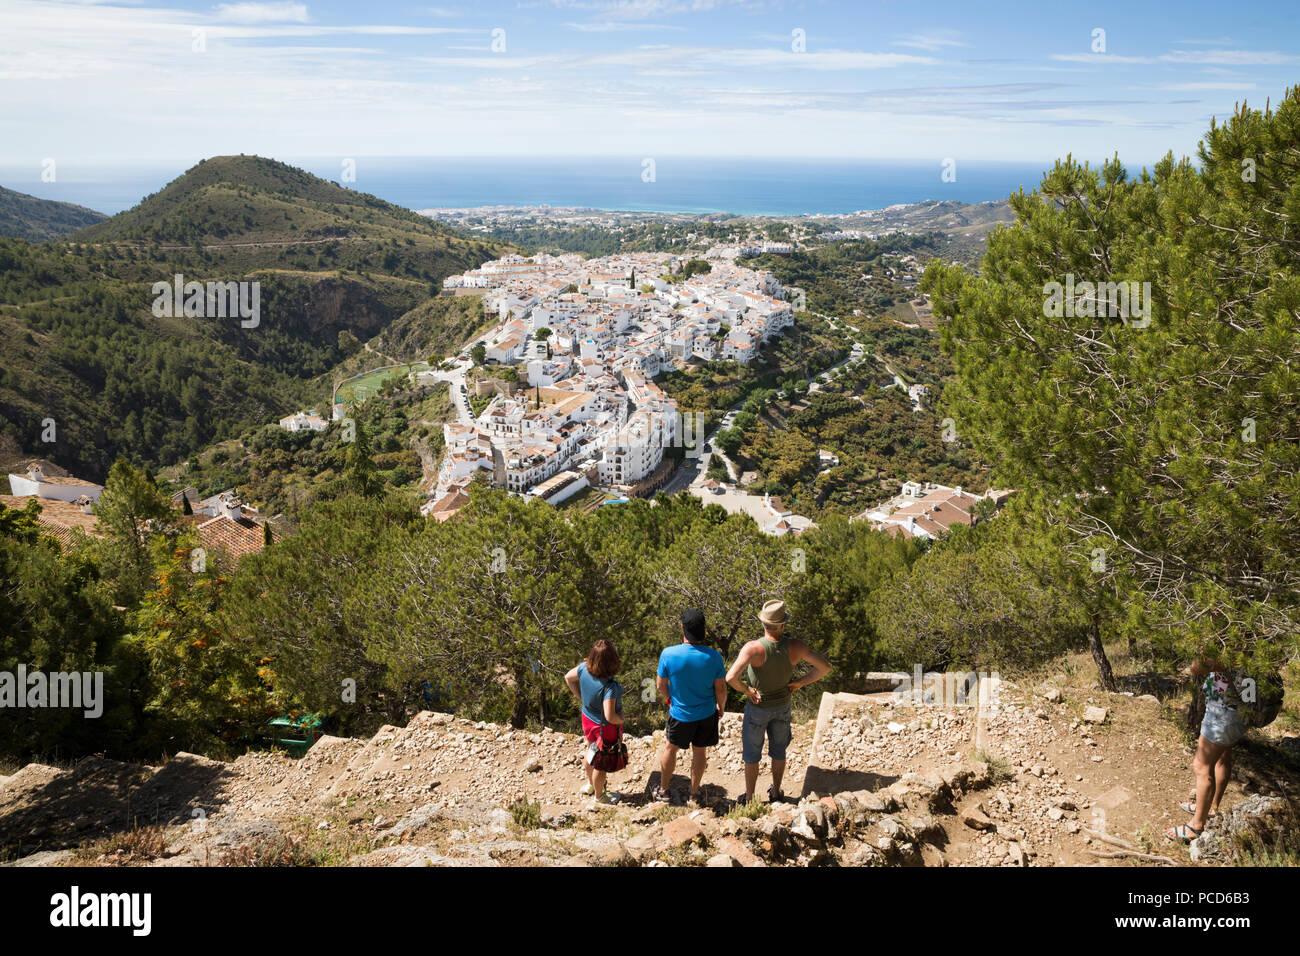 Vista sobre pueblo blanco andaluz situado con vistas al mar, Frigiliana, Málaga, Costa del Sol, Andalucia, España, Europa Imagen De Stock